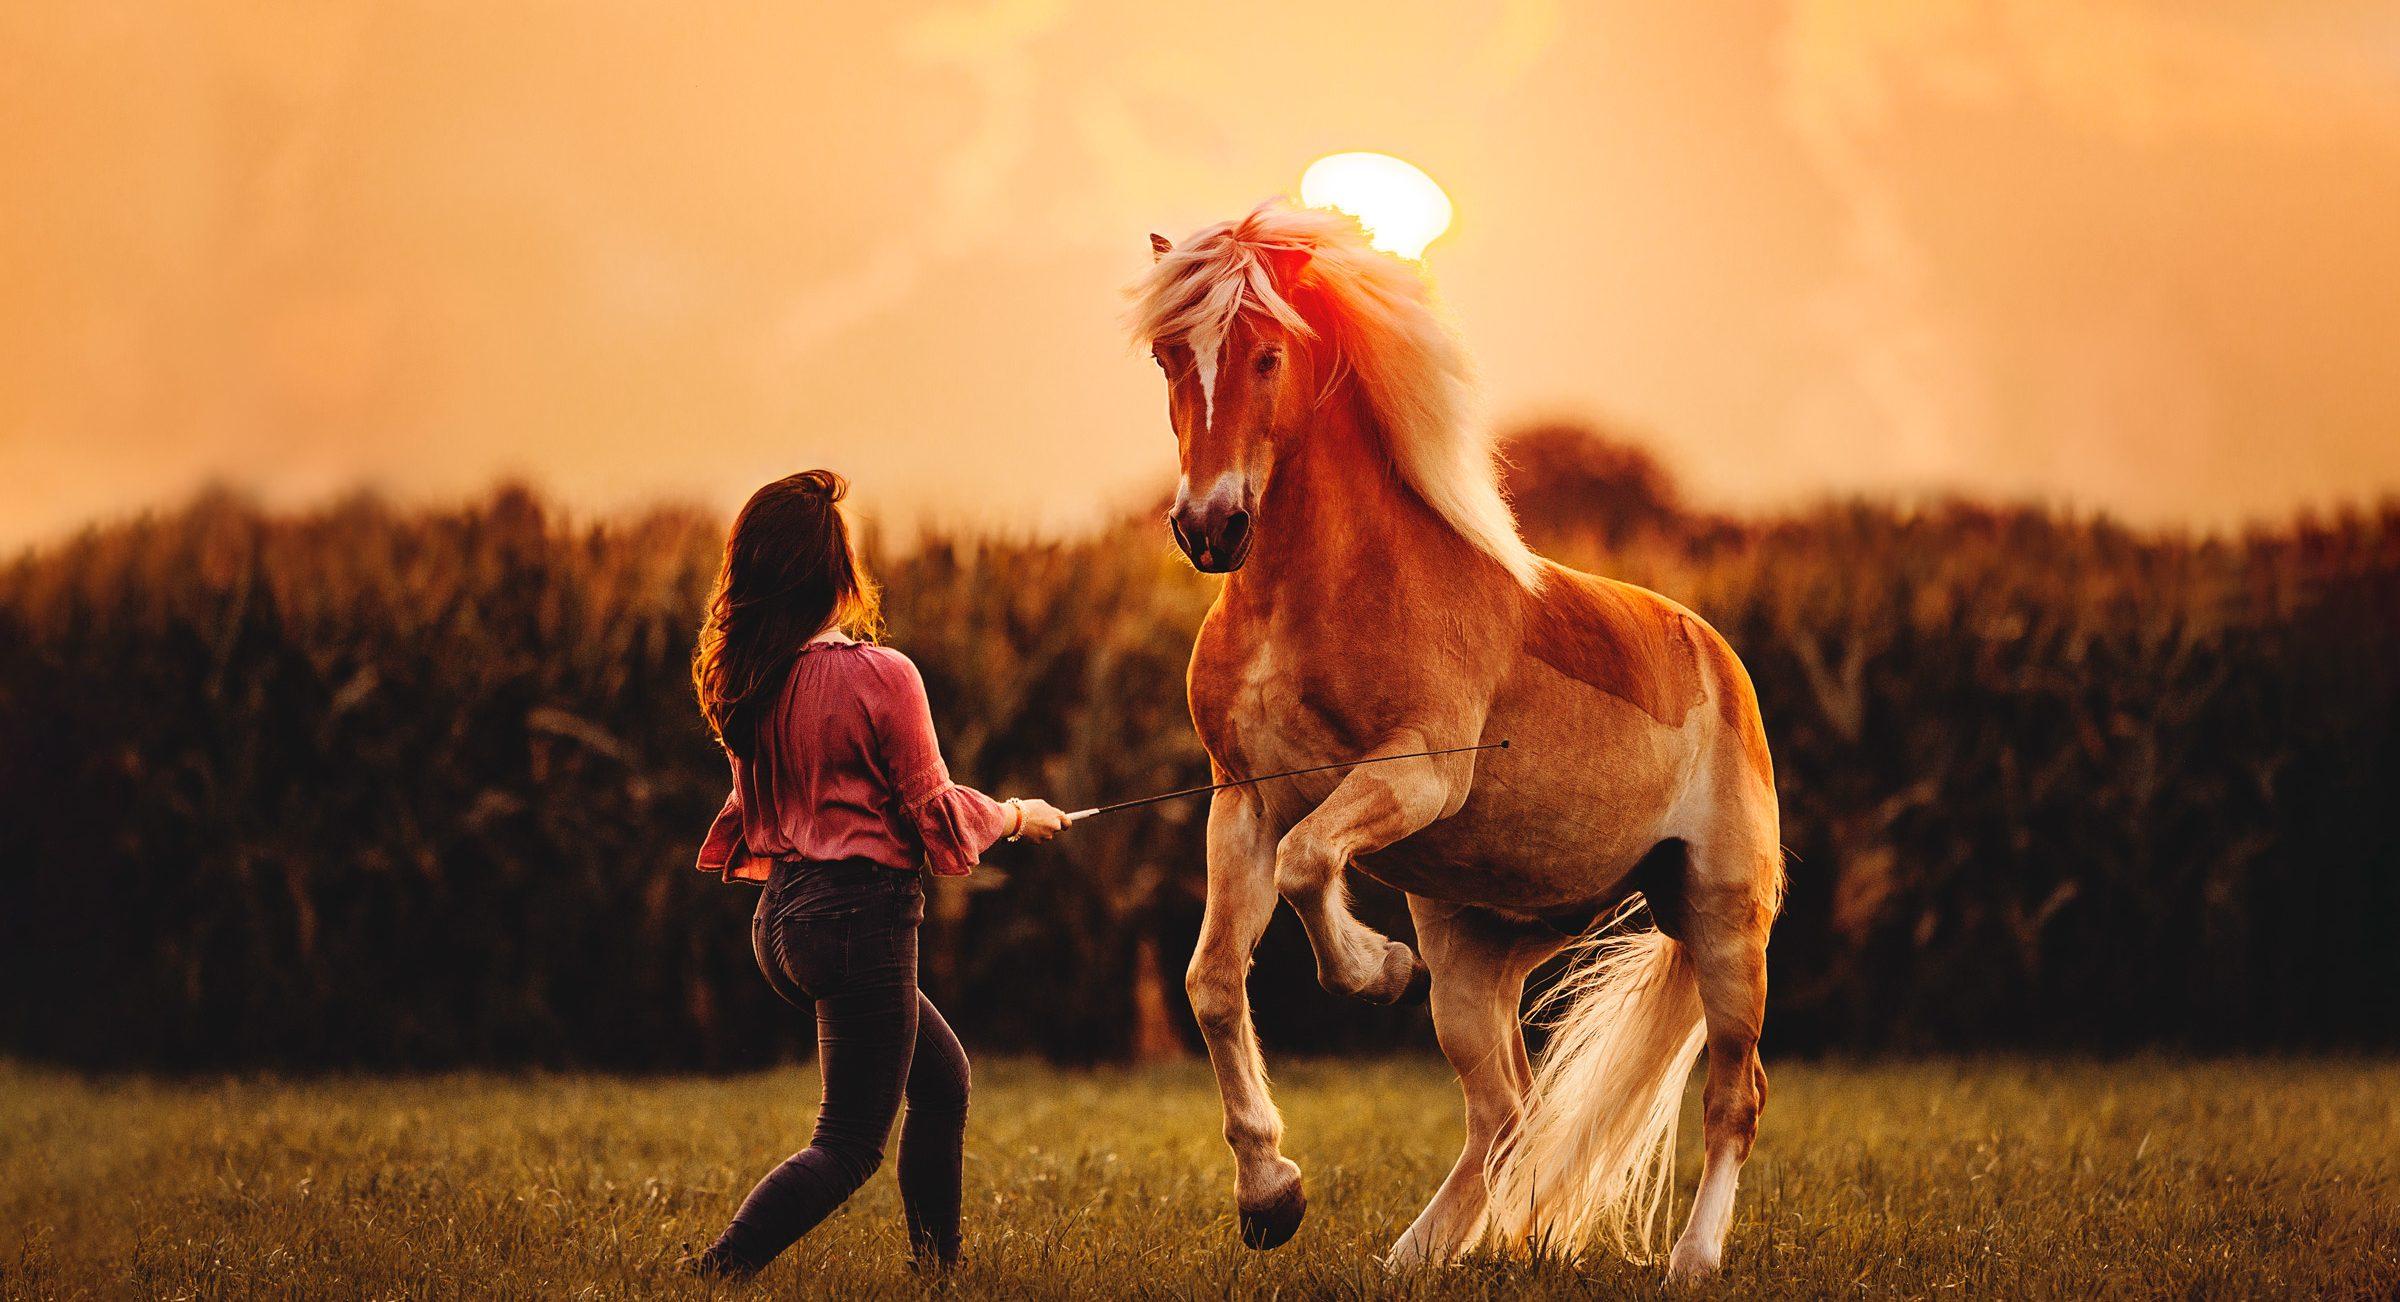 Menschen Und Pferde